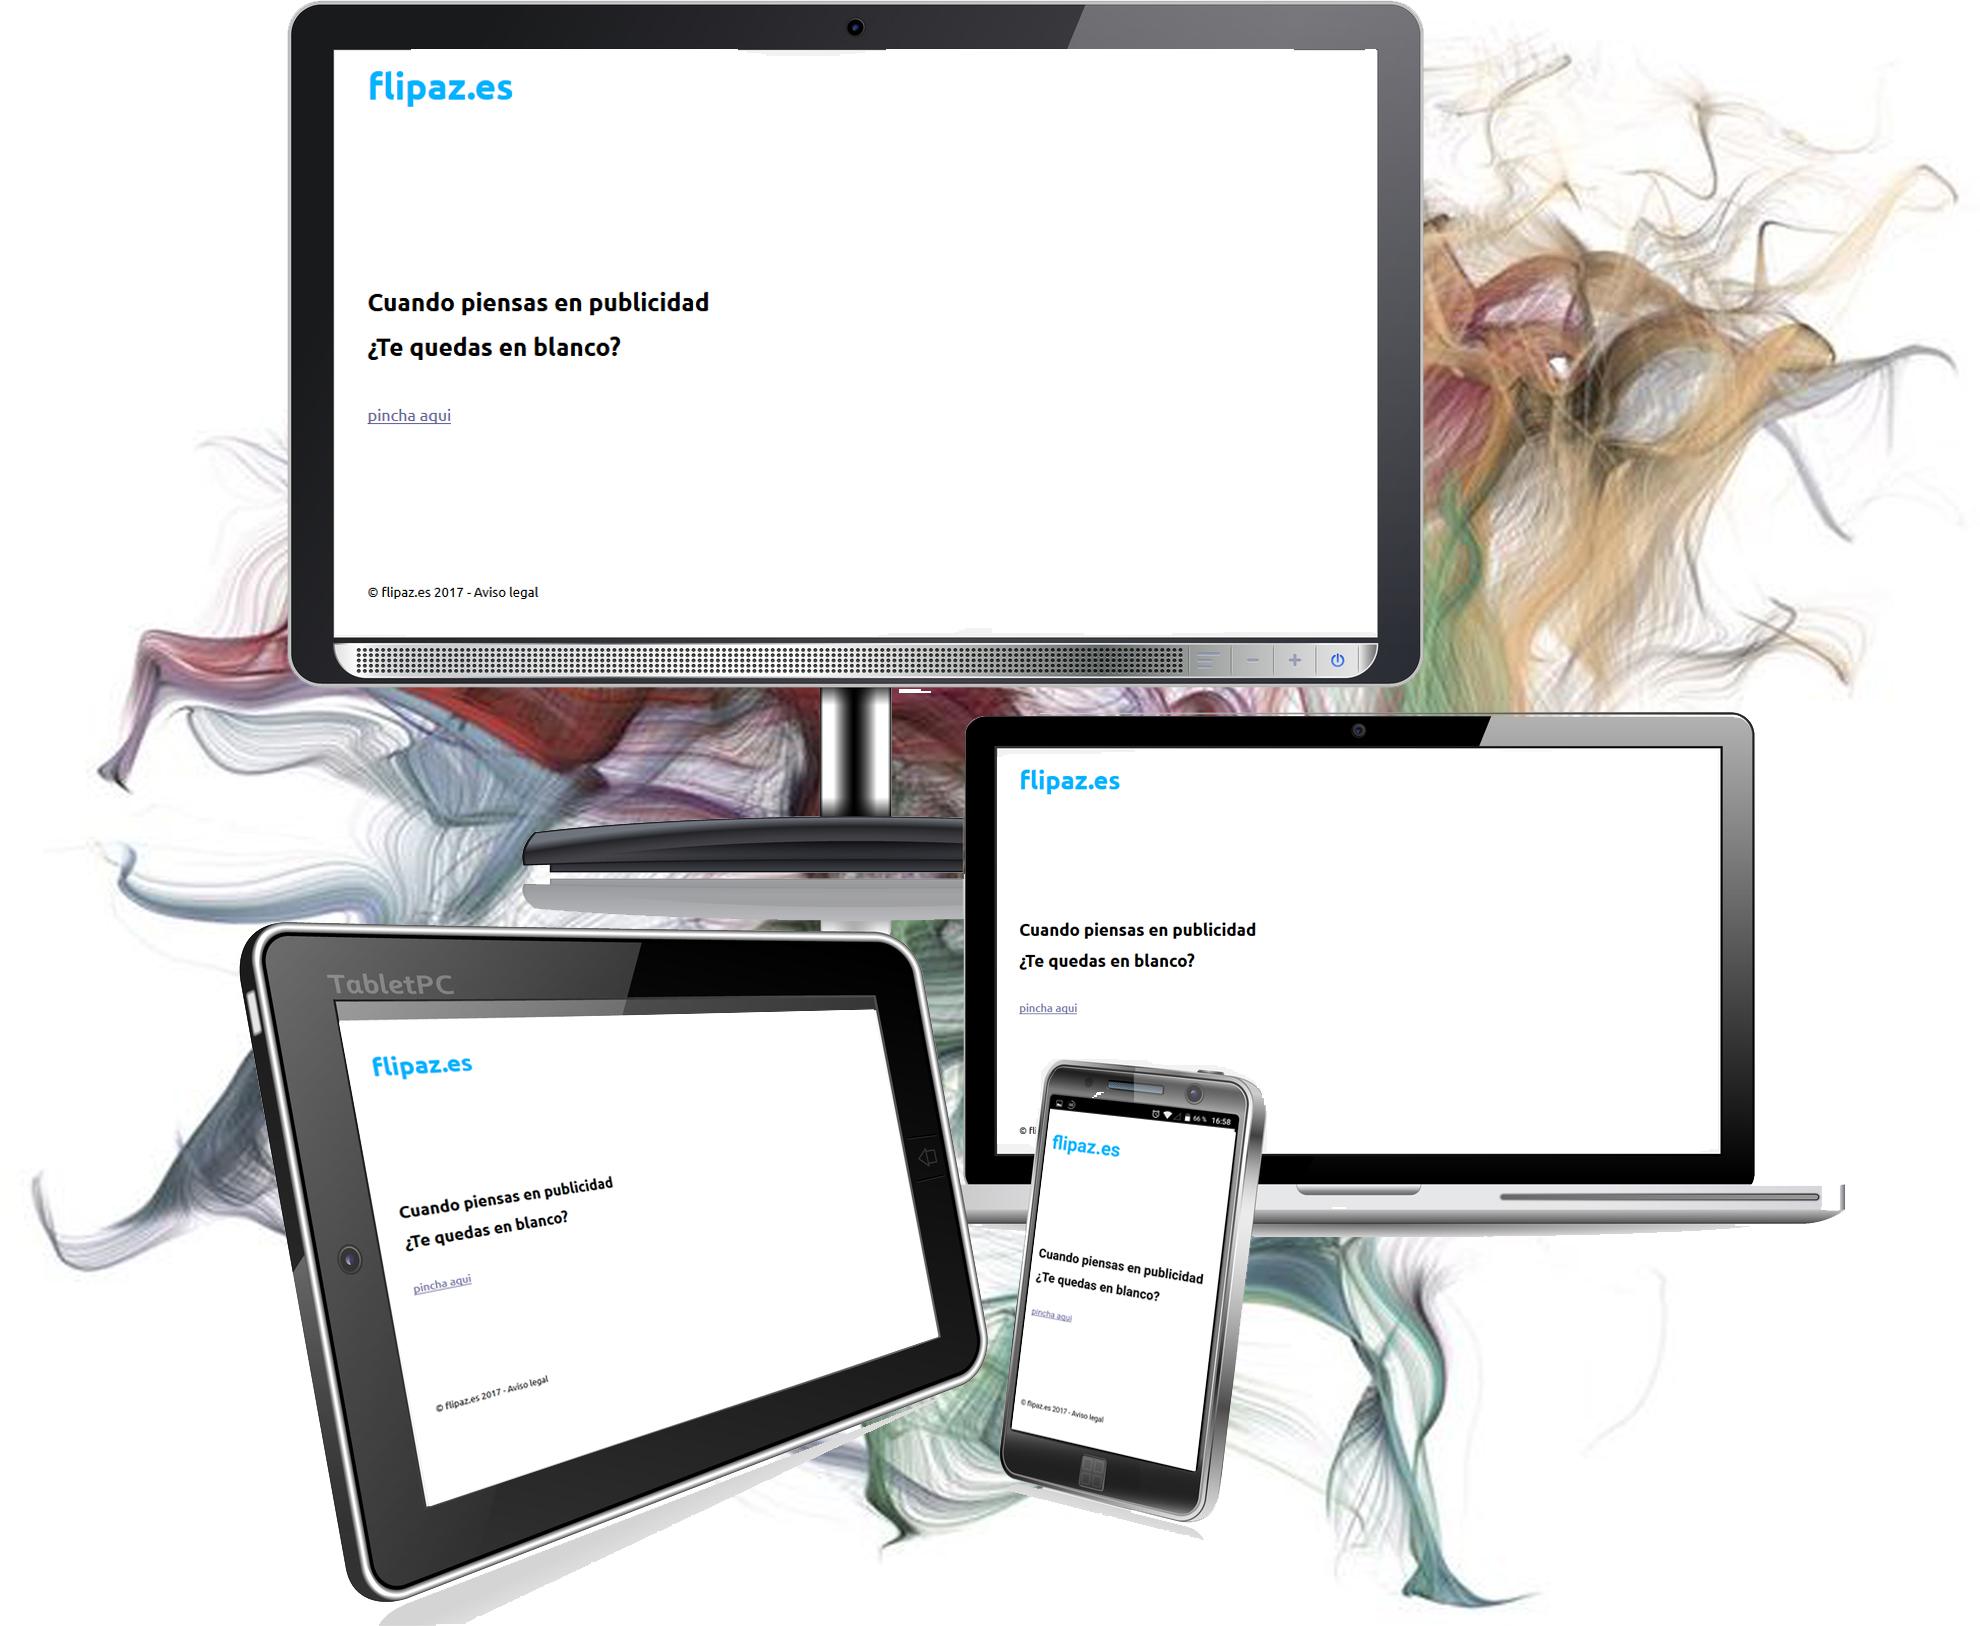 flipaz.es - Tu web adaptada a todos los dispositivos